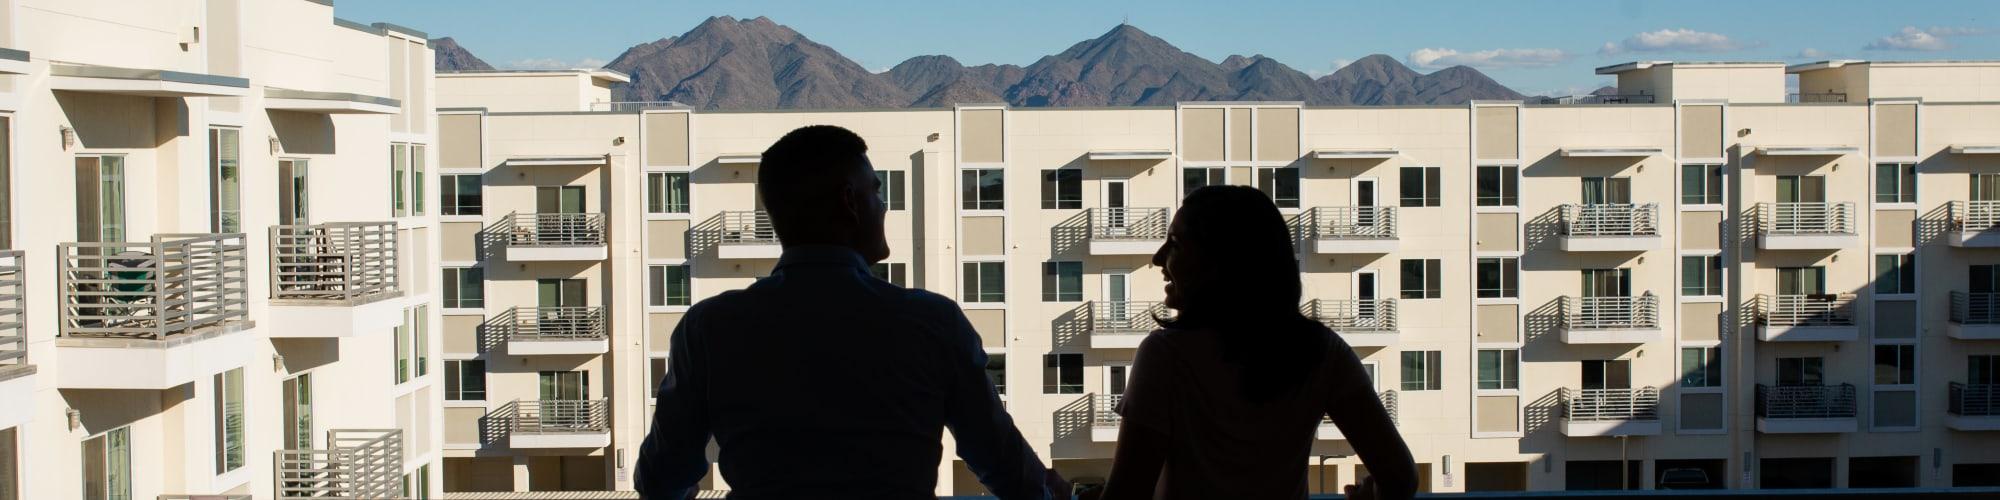 Floor plans at Villa Vita Apartments in Peoria, Arizona